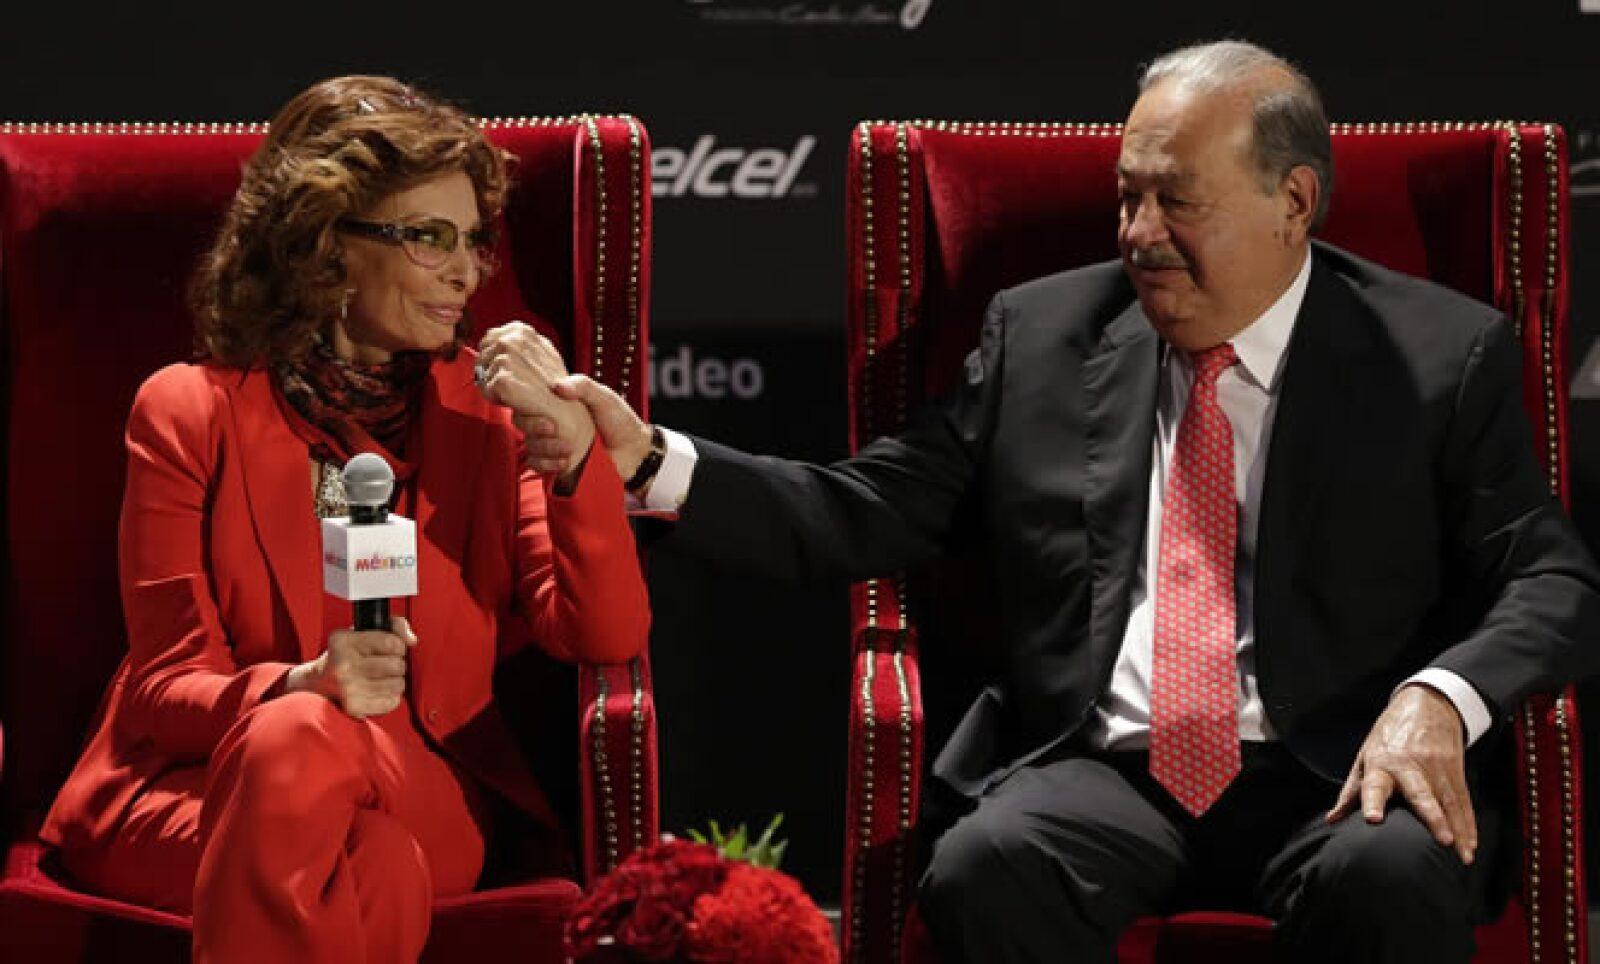 """La diva italiana y Carlos Slim cortaron este jueves el listón inaugural de la muestra """"Sofía Loren. México. Ayer, hoy y mañana"""",  en el Museo Soumaya. Muestra fotográfica en honor de la actriz."""